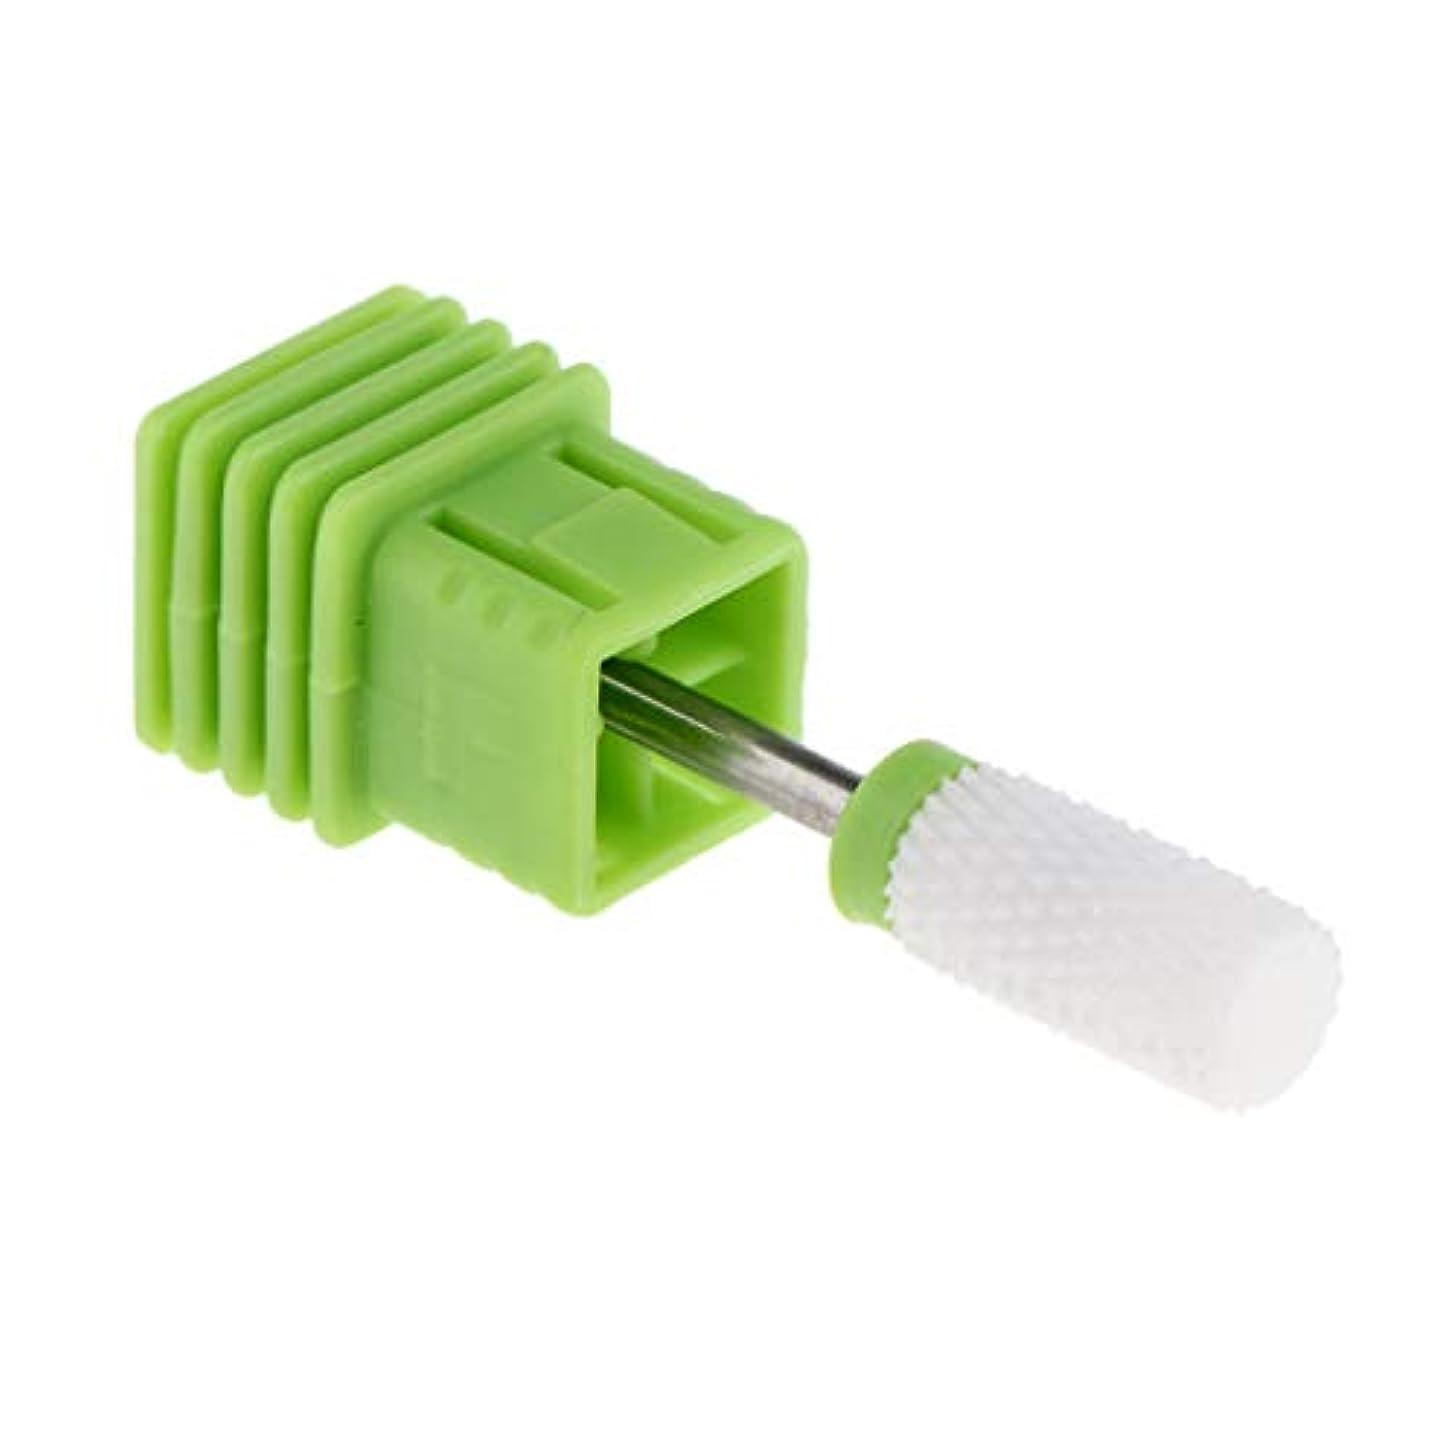 正気不一致有害Injoyo セラミックネイルドリルビット、電気ジェルネイルサロンマニキュアツールの場合は、研磨ヘッドネイルアートツールを削除するキューティクルクリーン - C